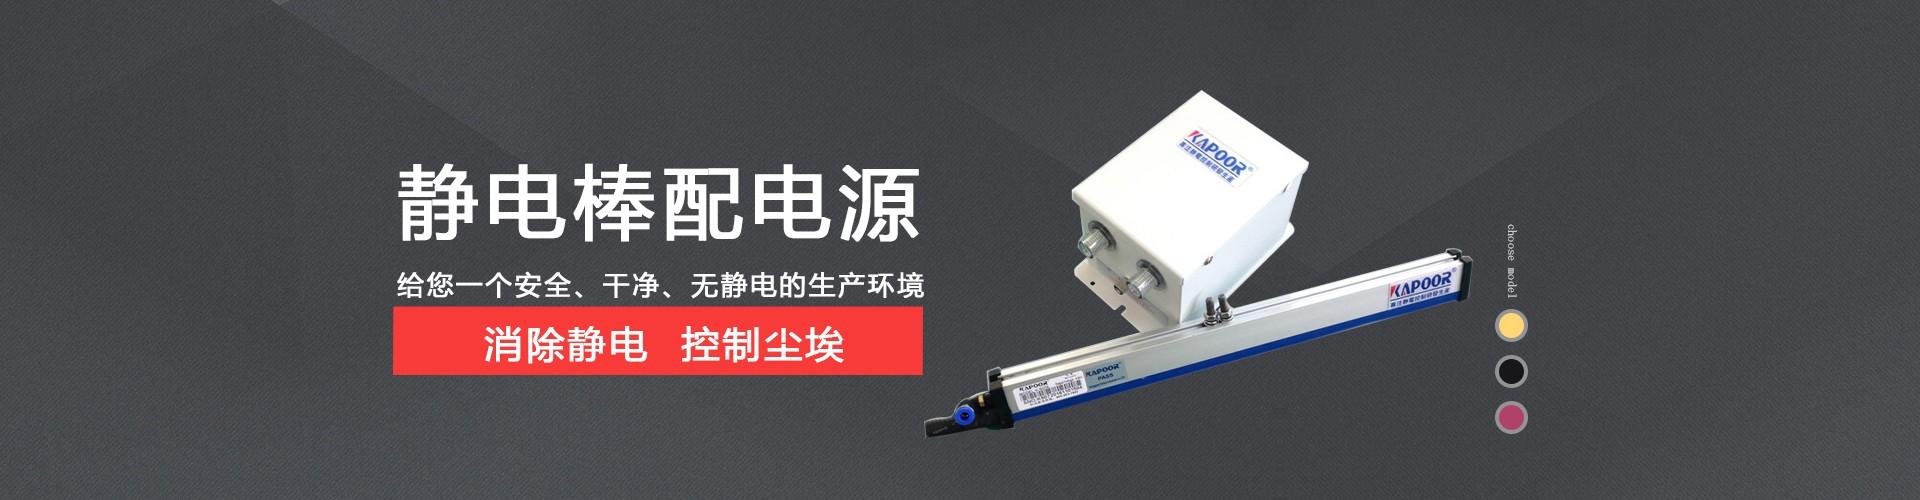 深圳市金尚达科技有限公司